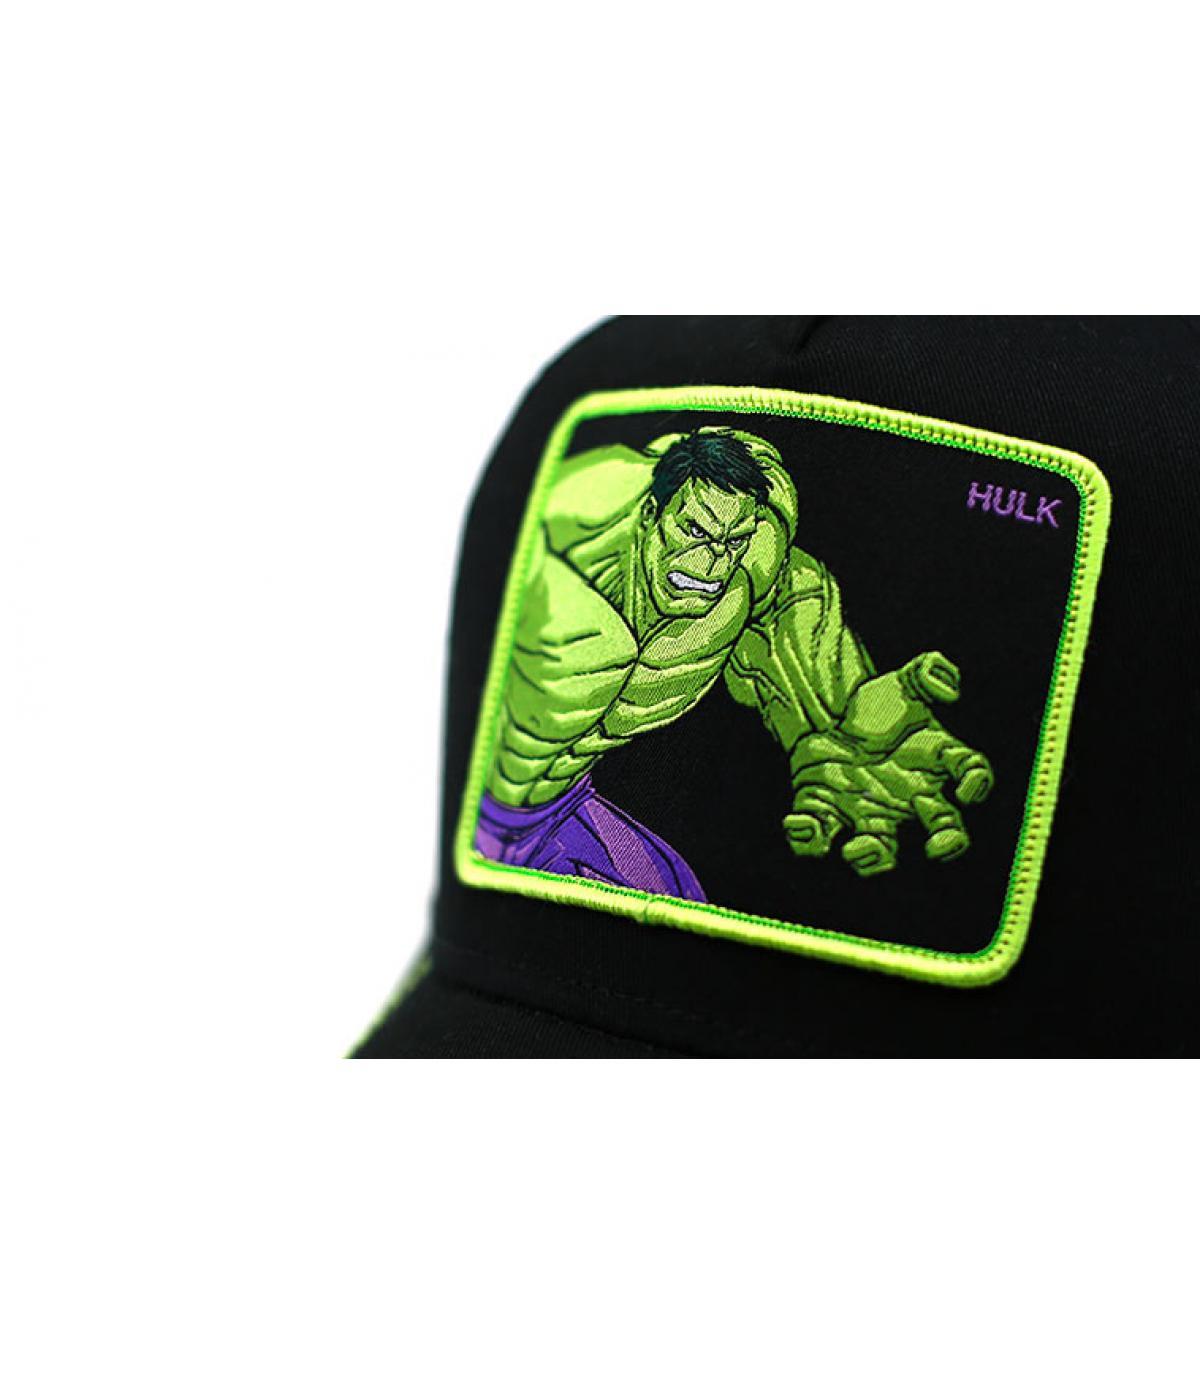 Details Trucker Hulk - Abbildung 3